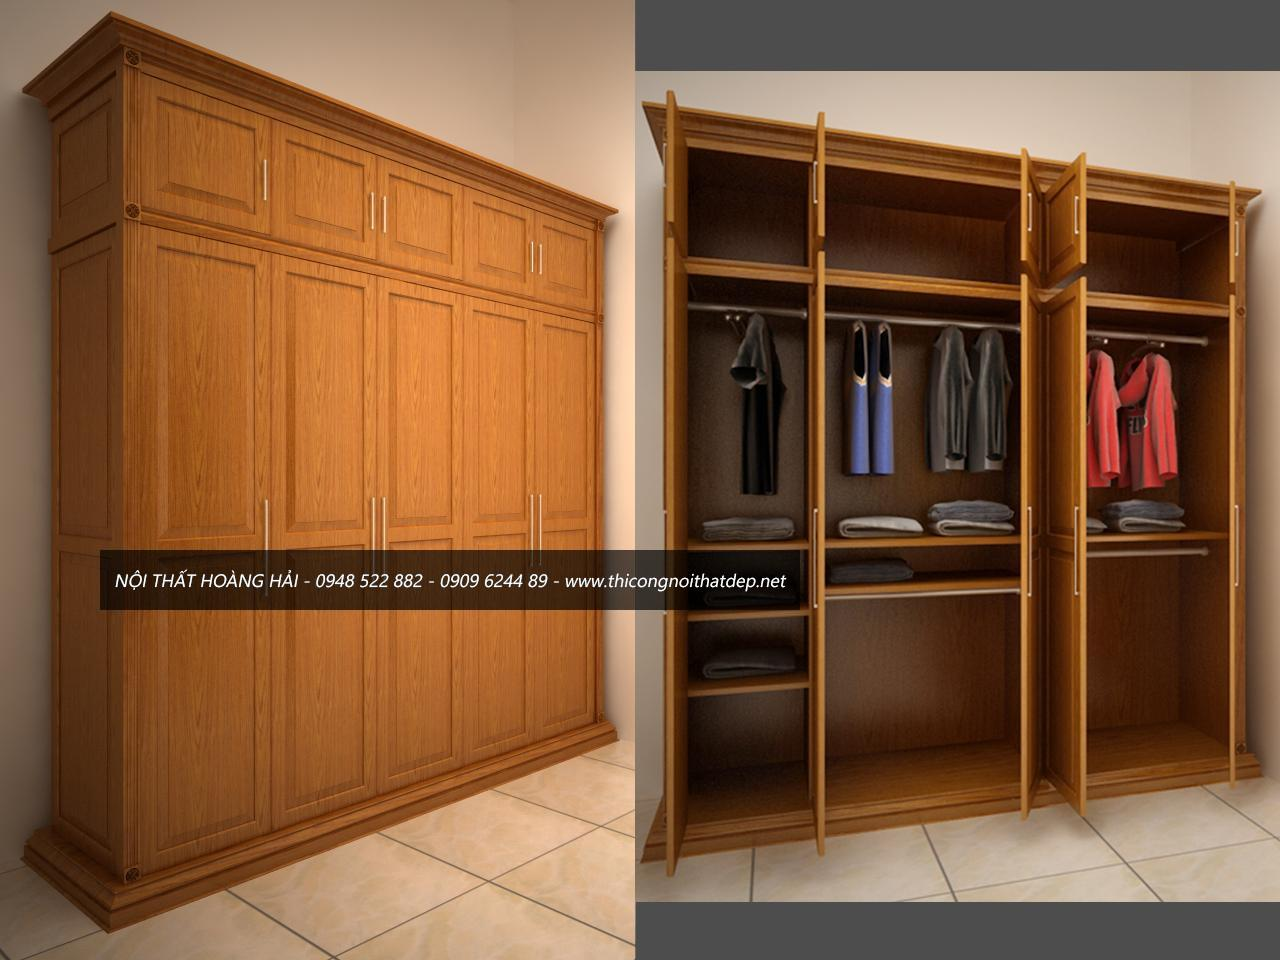 tủ quần áo gỗ giá rẻ tại Hà Nội